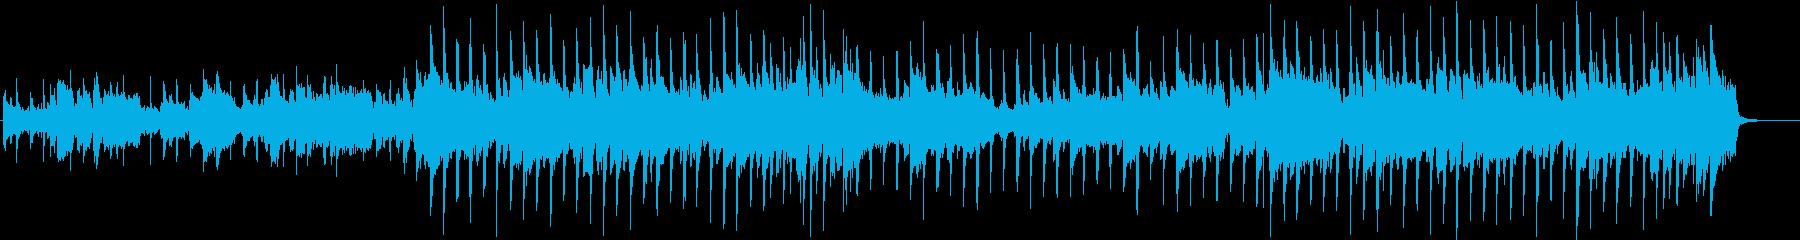 CM用6、口笛、コミカル、楽しいキッズAの再生済みの波形